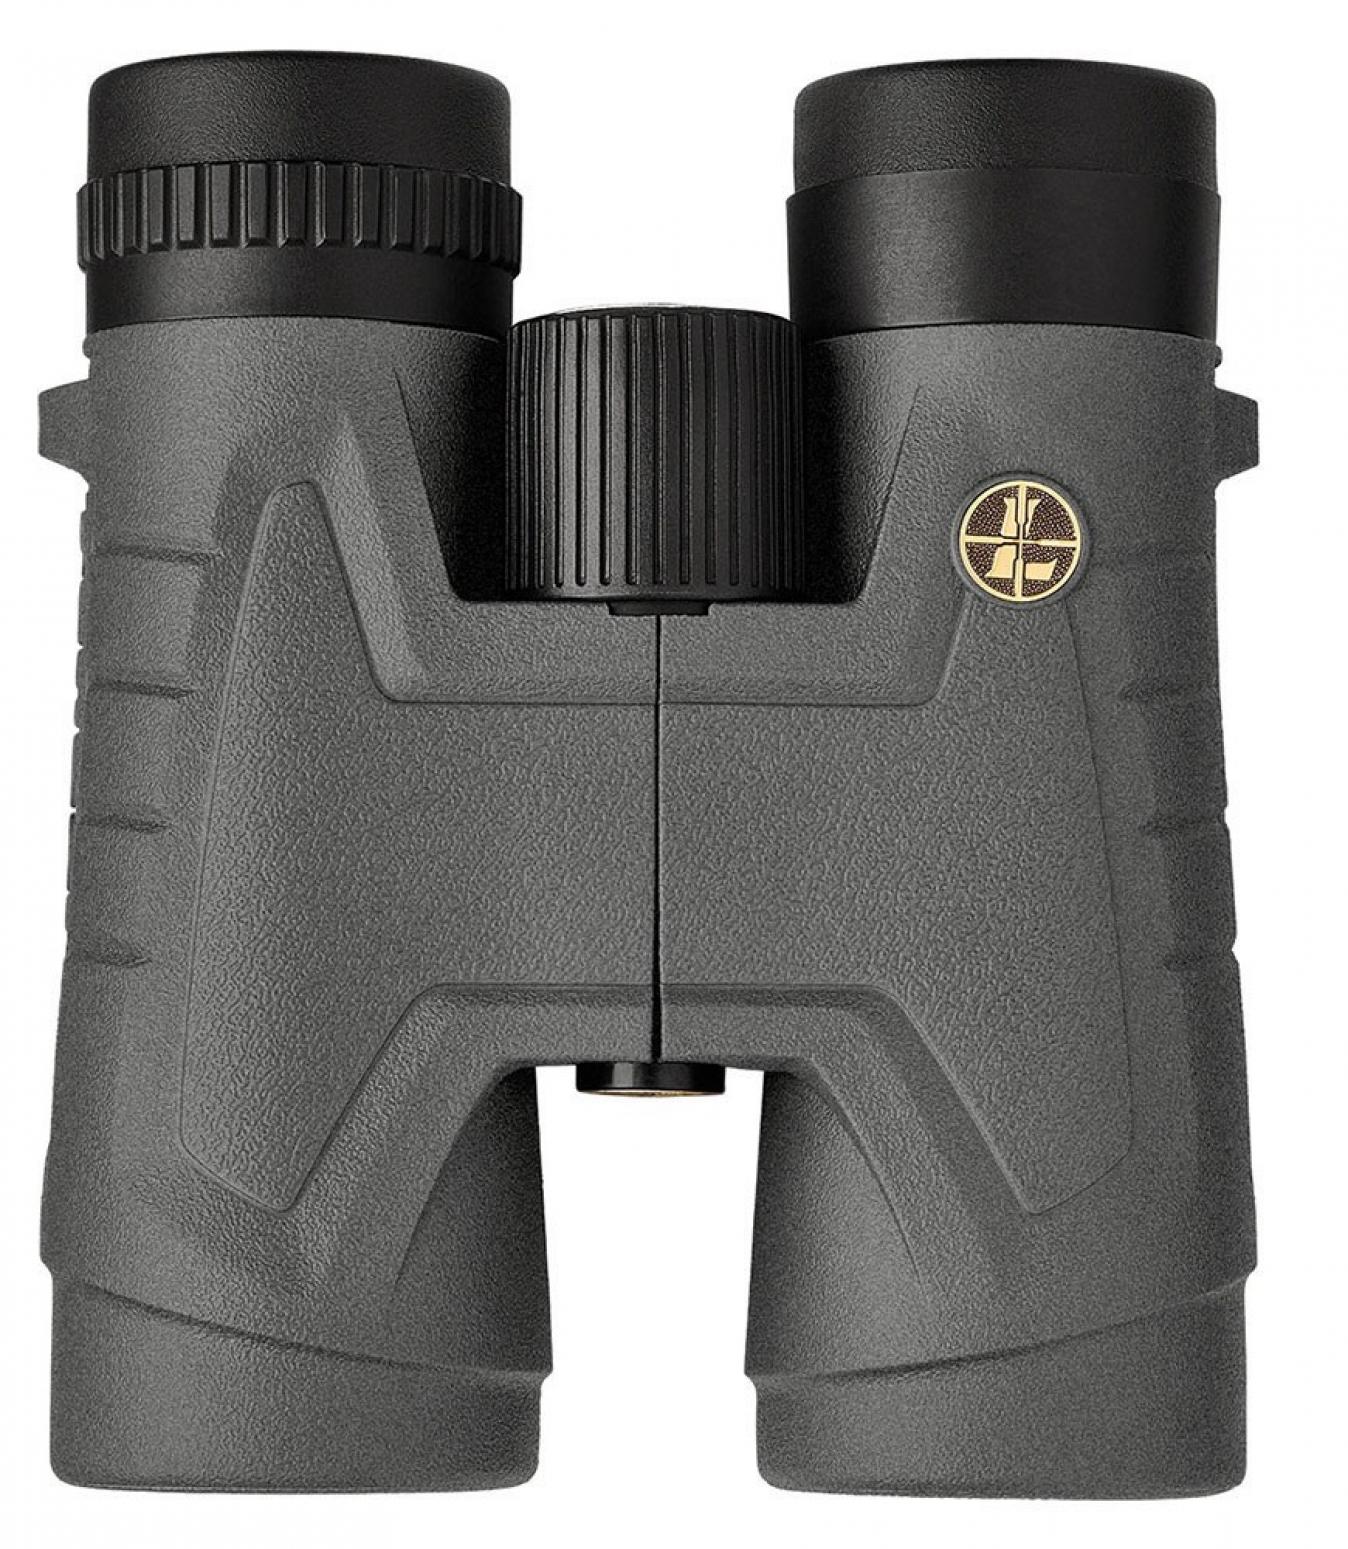 Bx 2 Acadia 10x42mm Binoculars Leupold